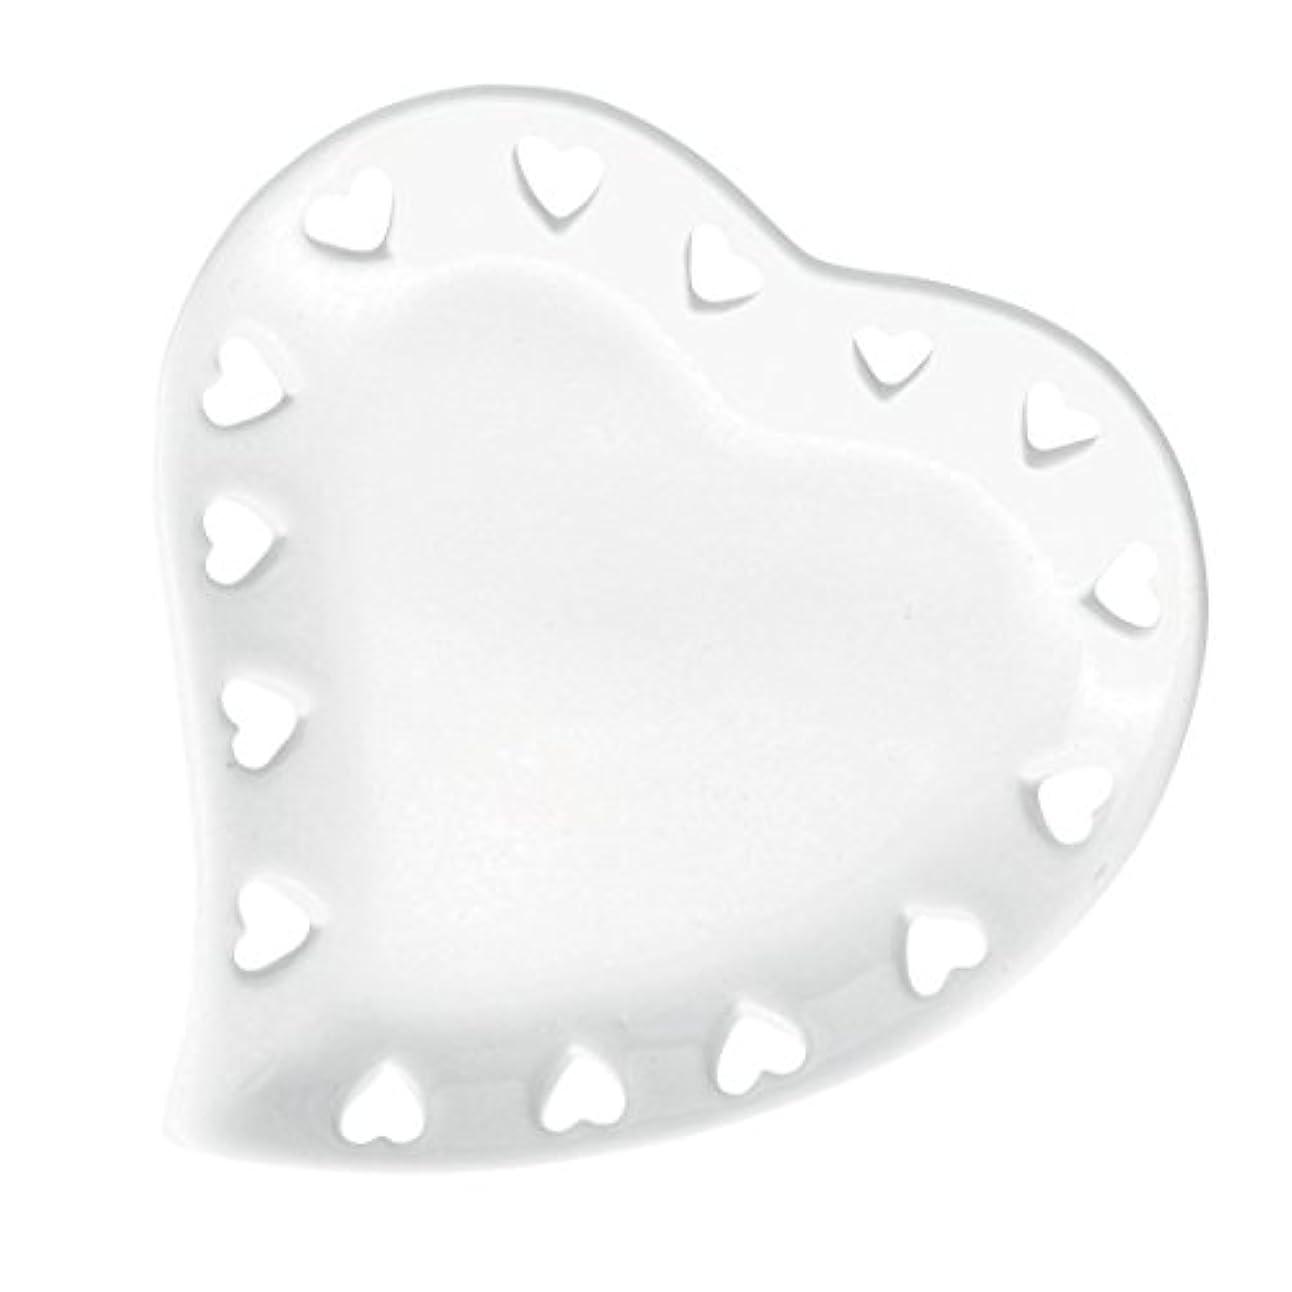 ピーク任命適応ハートプレートS 「 ホワイト 」